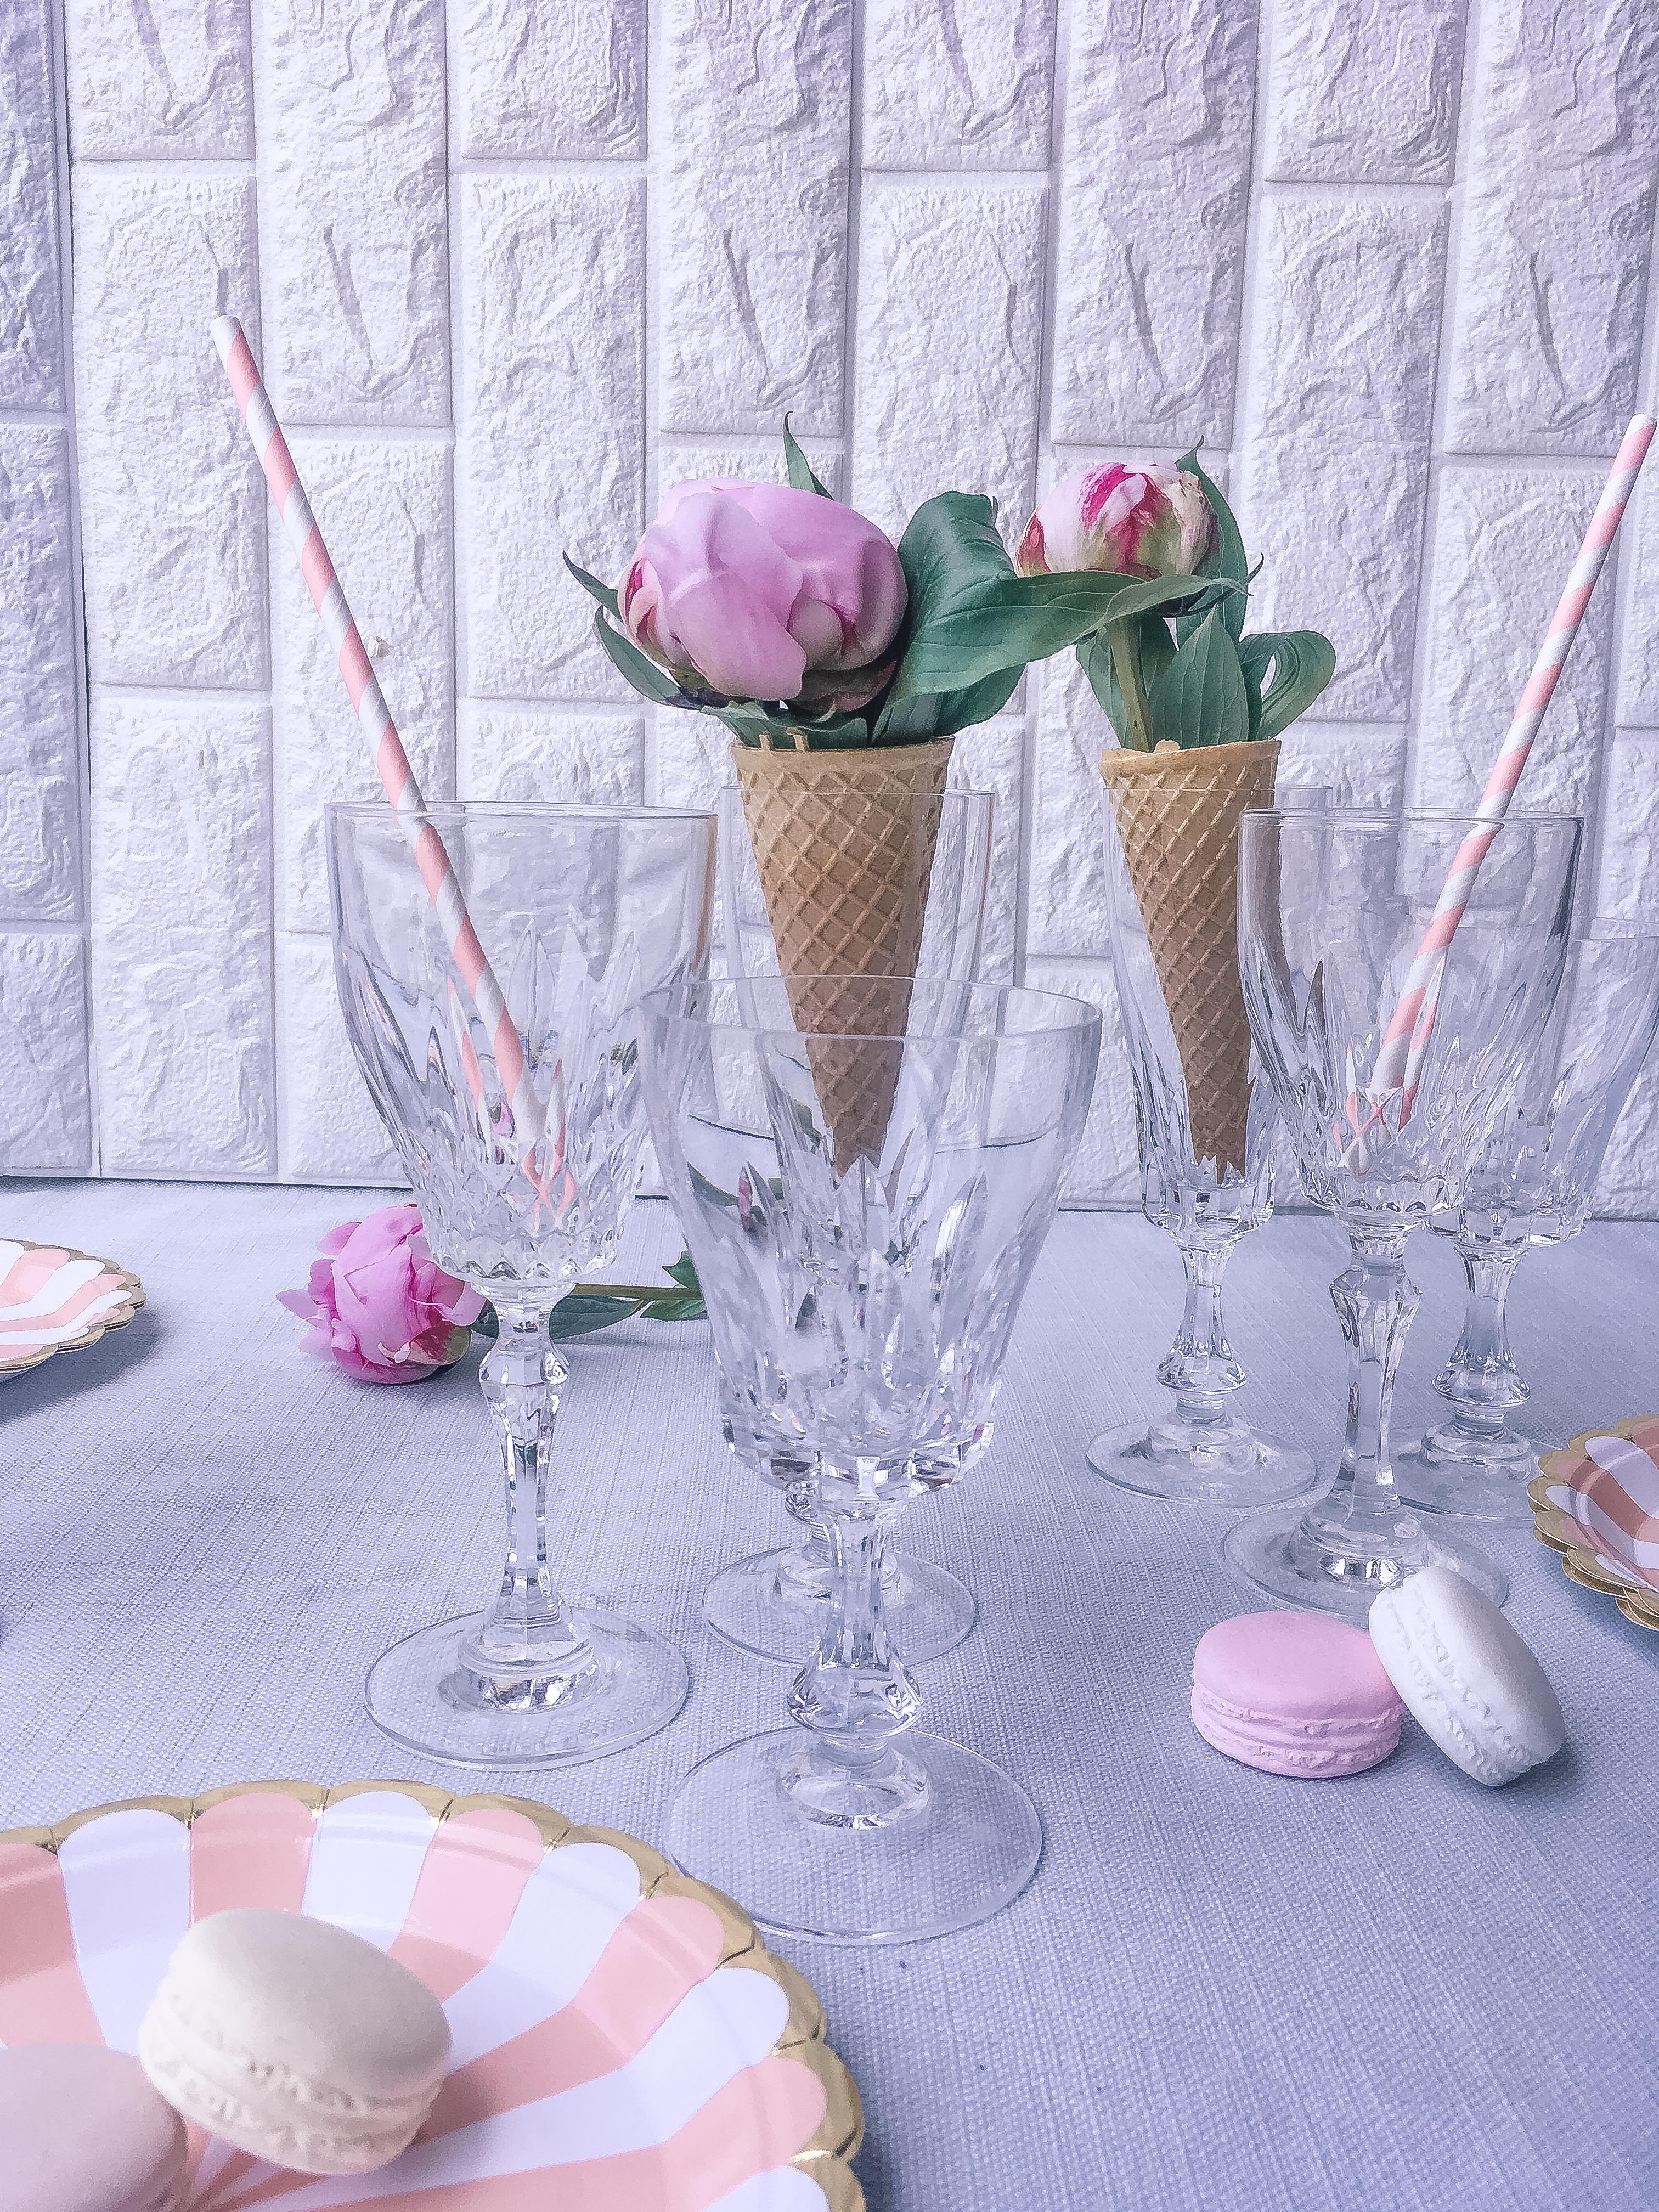 Idee per un centro tavola estivo con i coni gelato